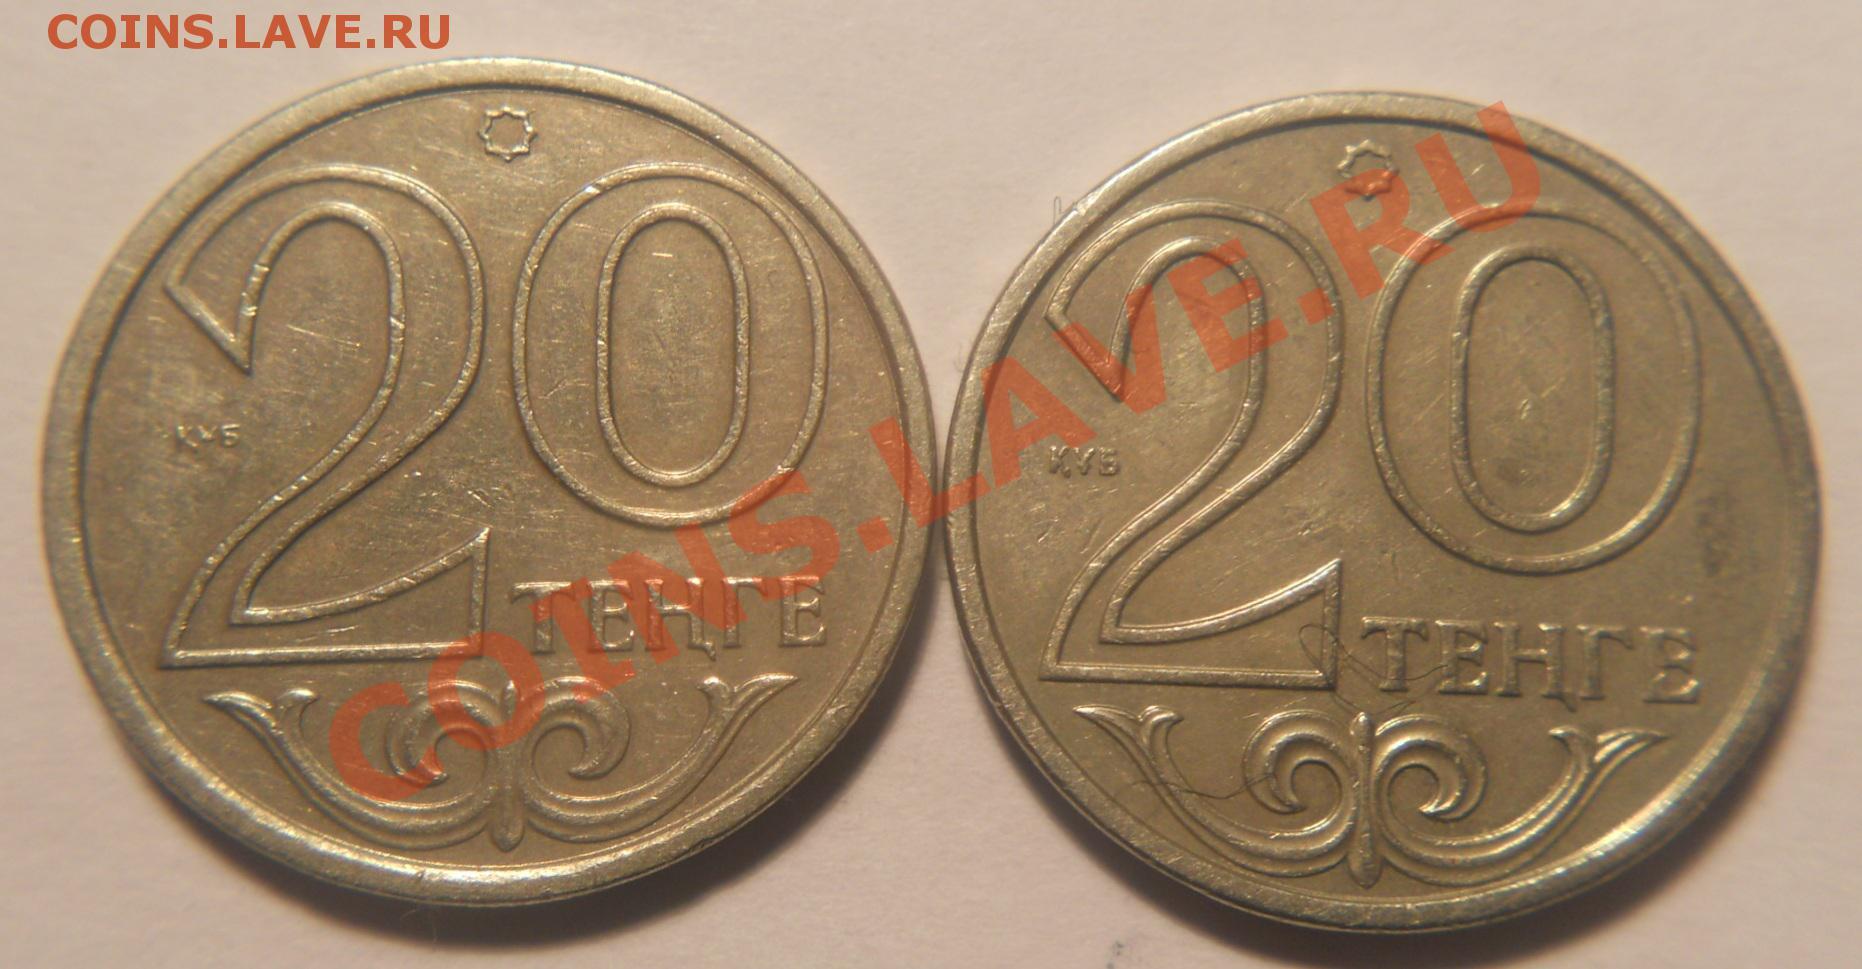 Сколько стоит монета 20 тенге 2006 года юбилейный монеты хочу